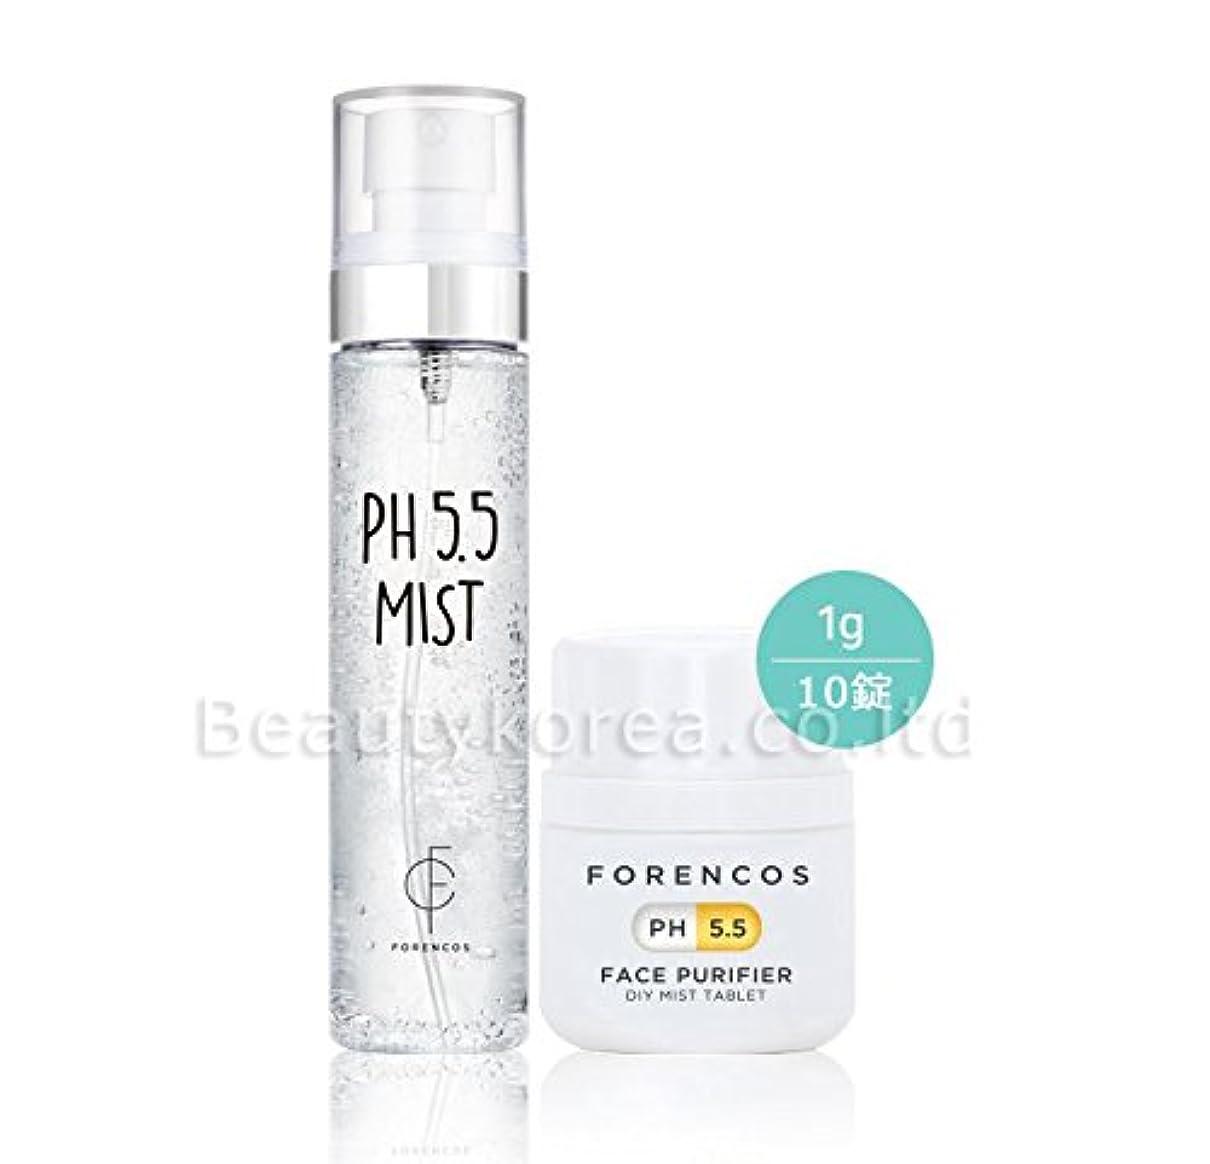 旅客保持知覚[FORENCOS] 花粉?PM2.5対策フォレンコス PH5.5フェイスピュリファイア弱酸性ミスト PH5.5 Purifier Mist [並行輸入品]